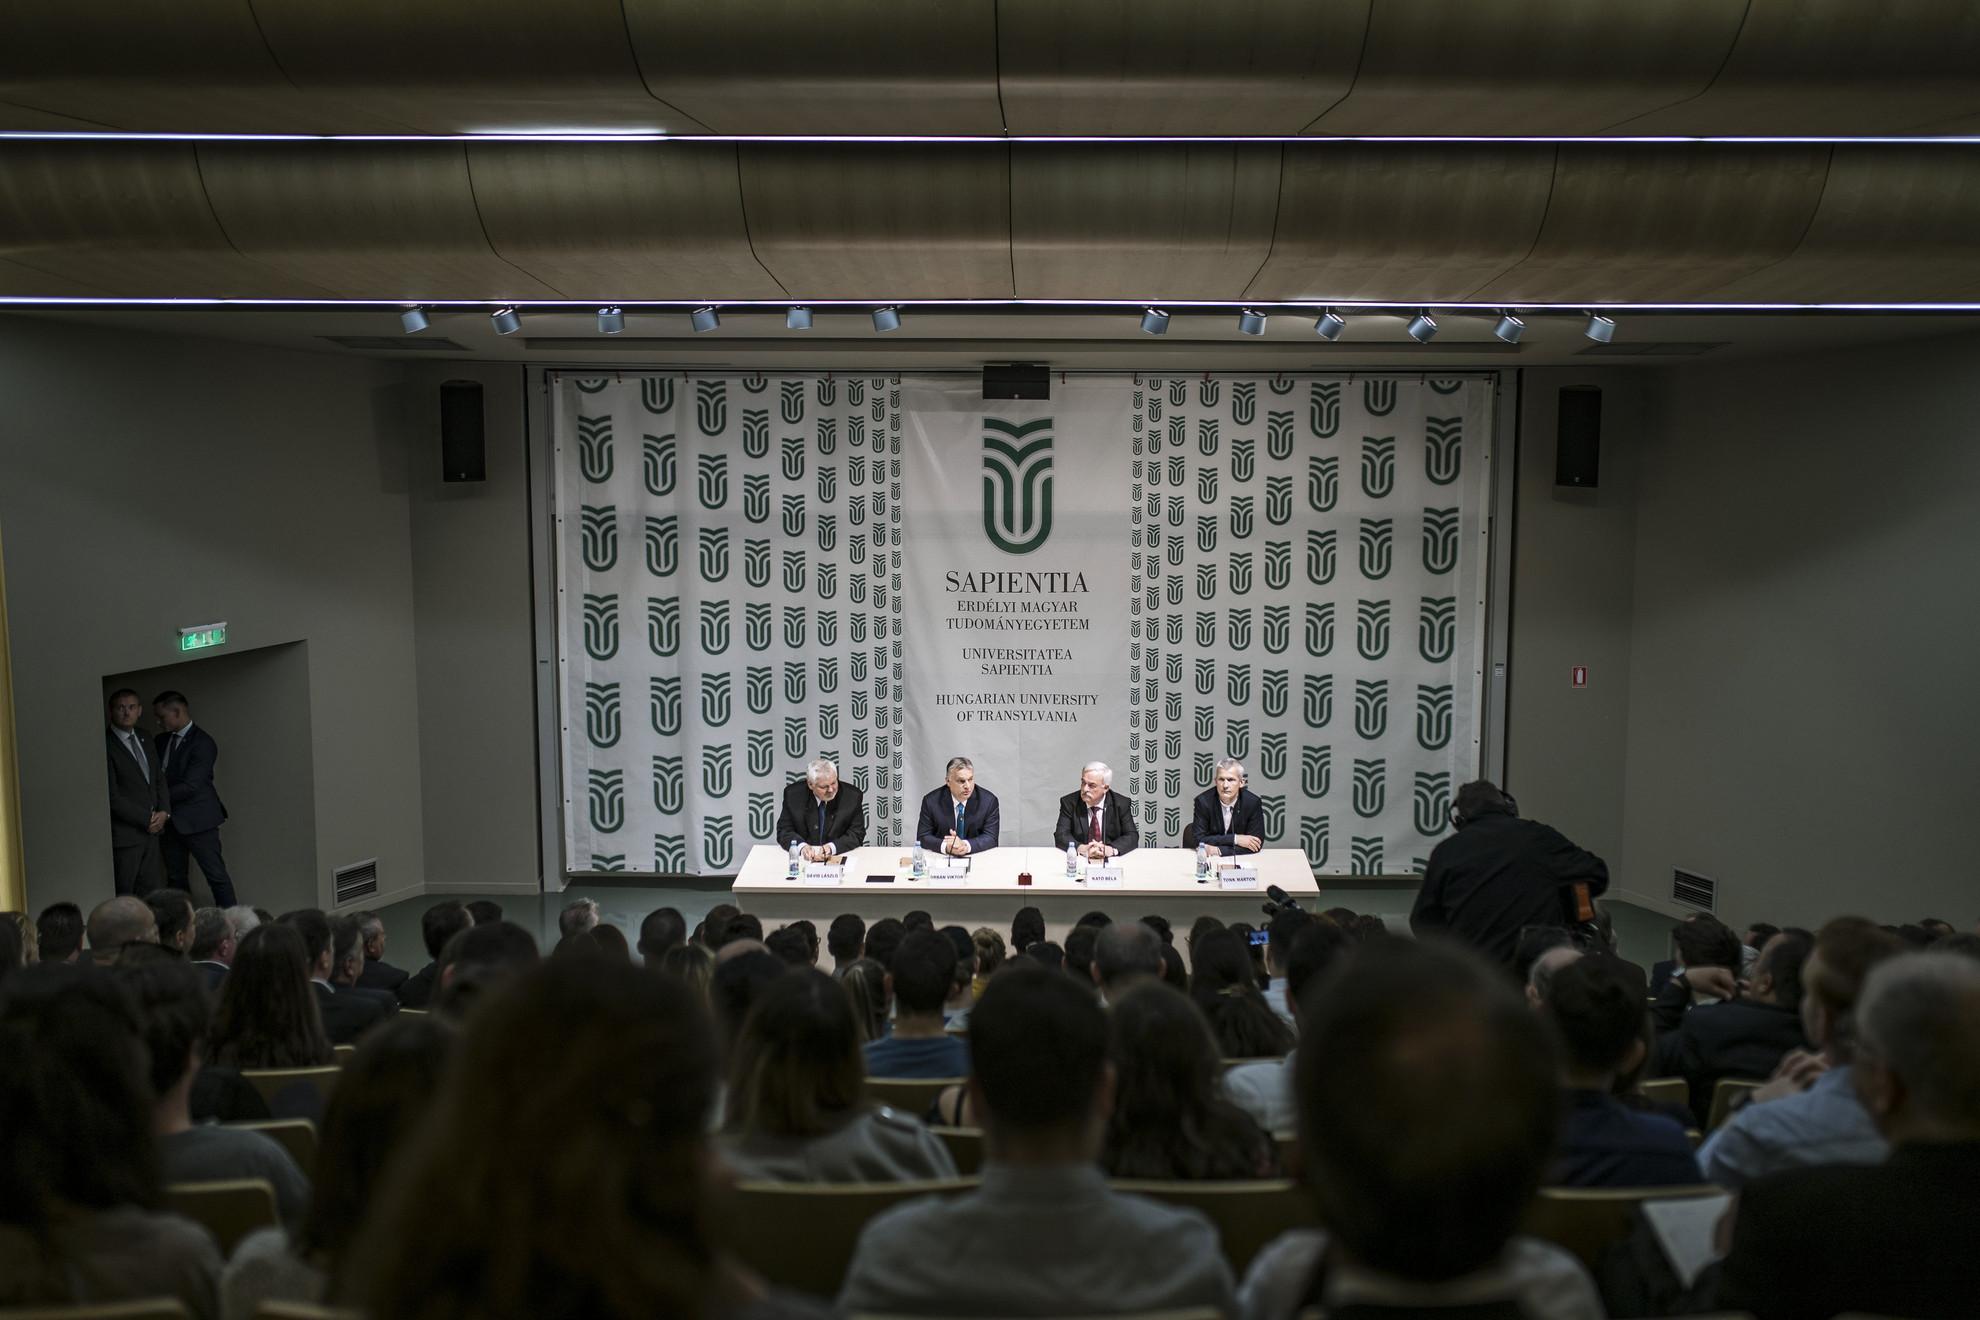 A Miniszterelnöki Sajtóiroda által közreadott képen Orbán Viktor miniszterelnök (b2) előadása a Sapientia Erdélyi Magyar Tudományegyetemen Kolozsváron 2019. május 8-án